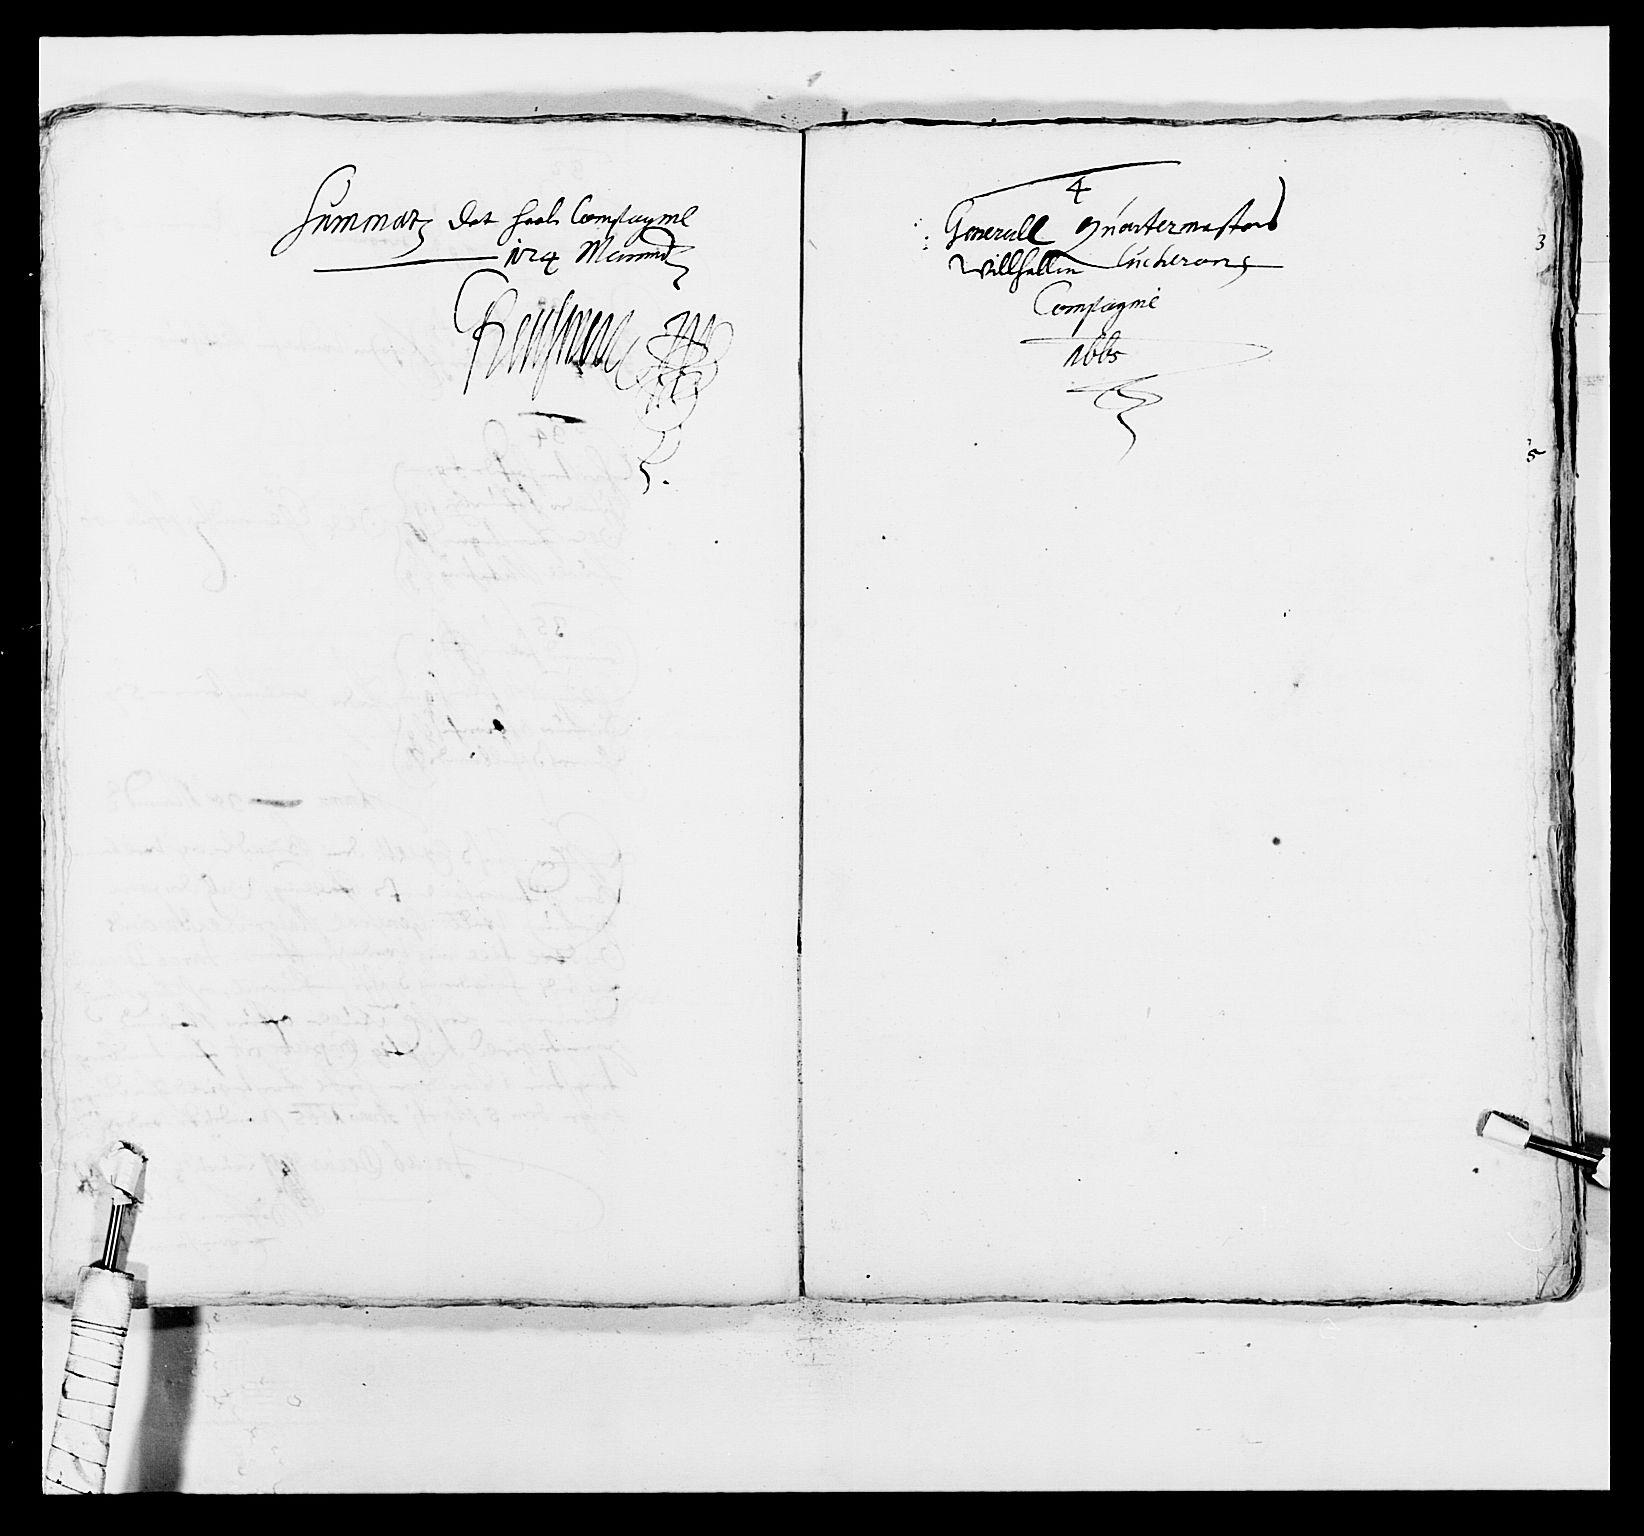 RA, Kommanderende general (KG I) med Det norske krigsdirektorium, E/Ea/L0498: Opplandske regiment, 1662-1689, s. 166